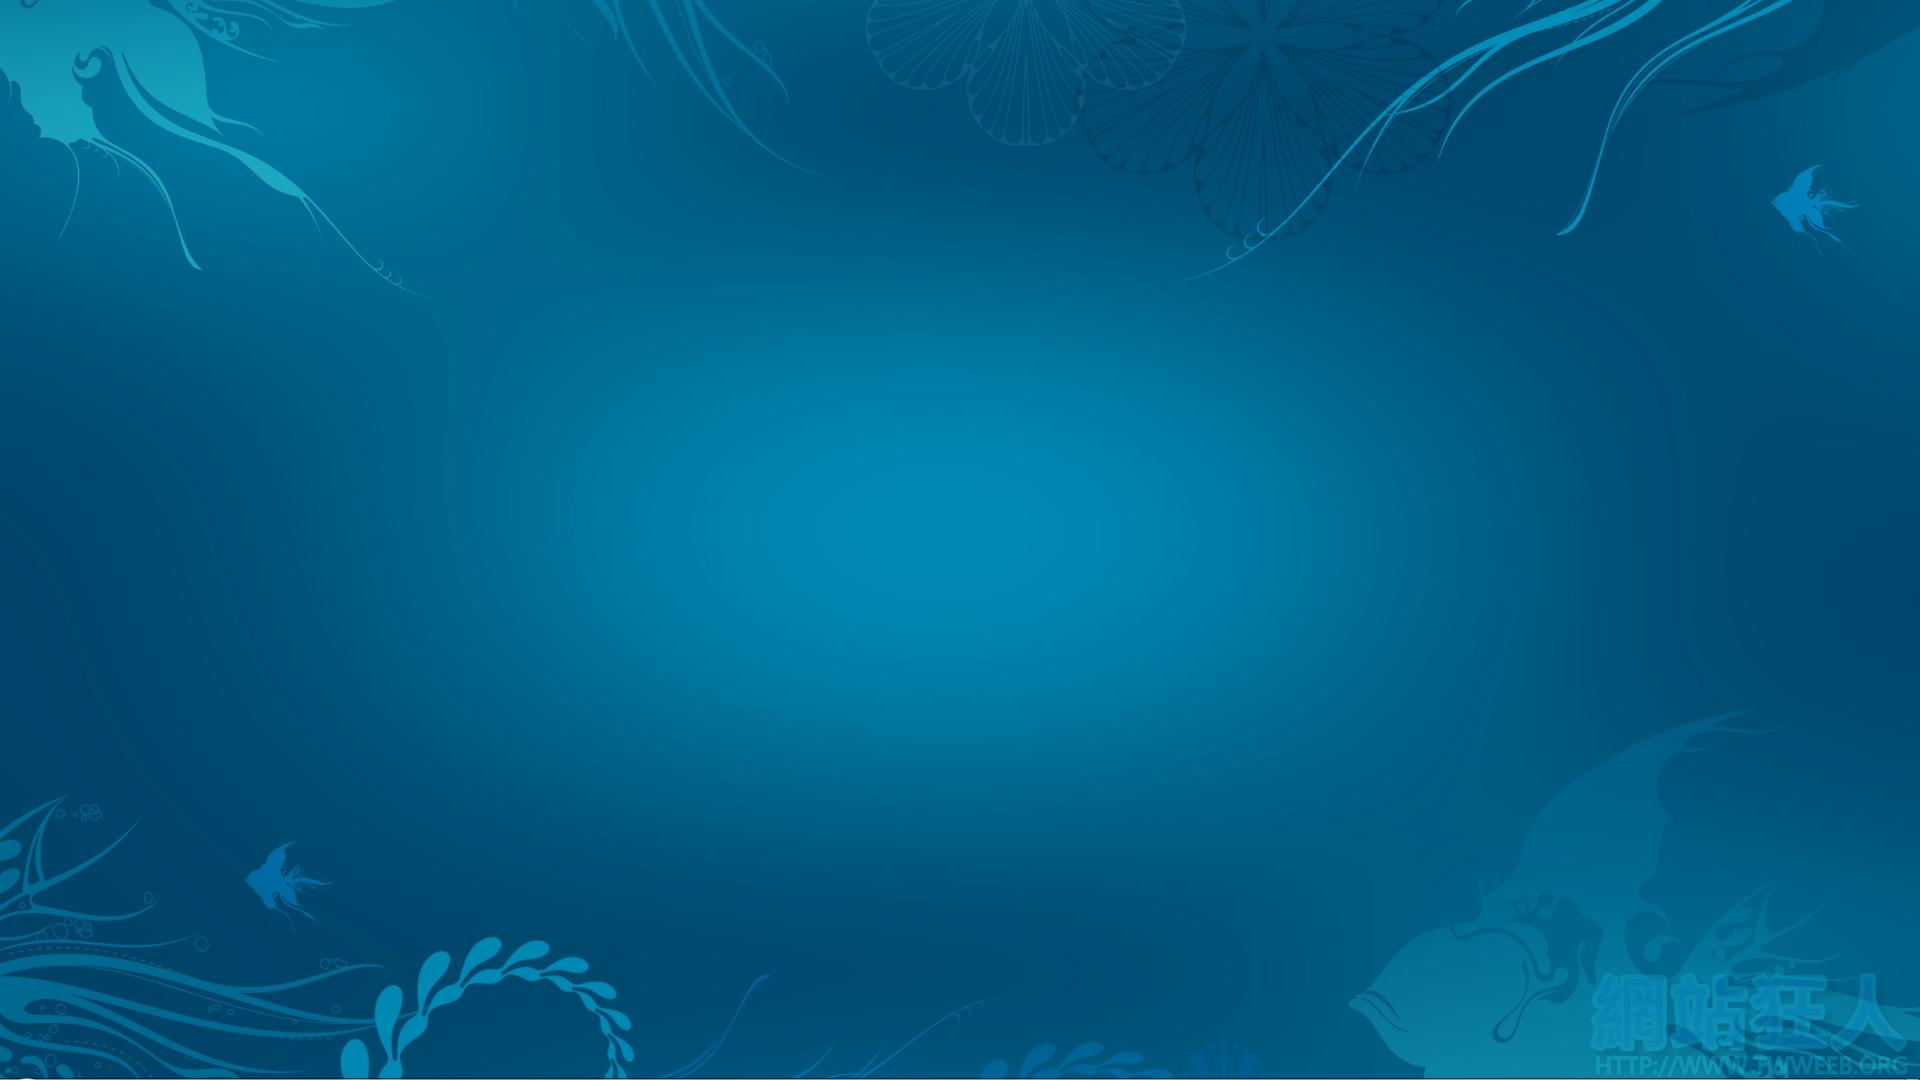 下载免费windows 8 skin布景主题图片